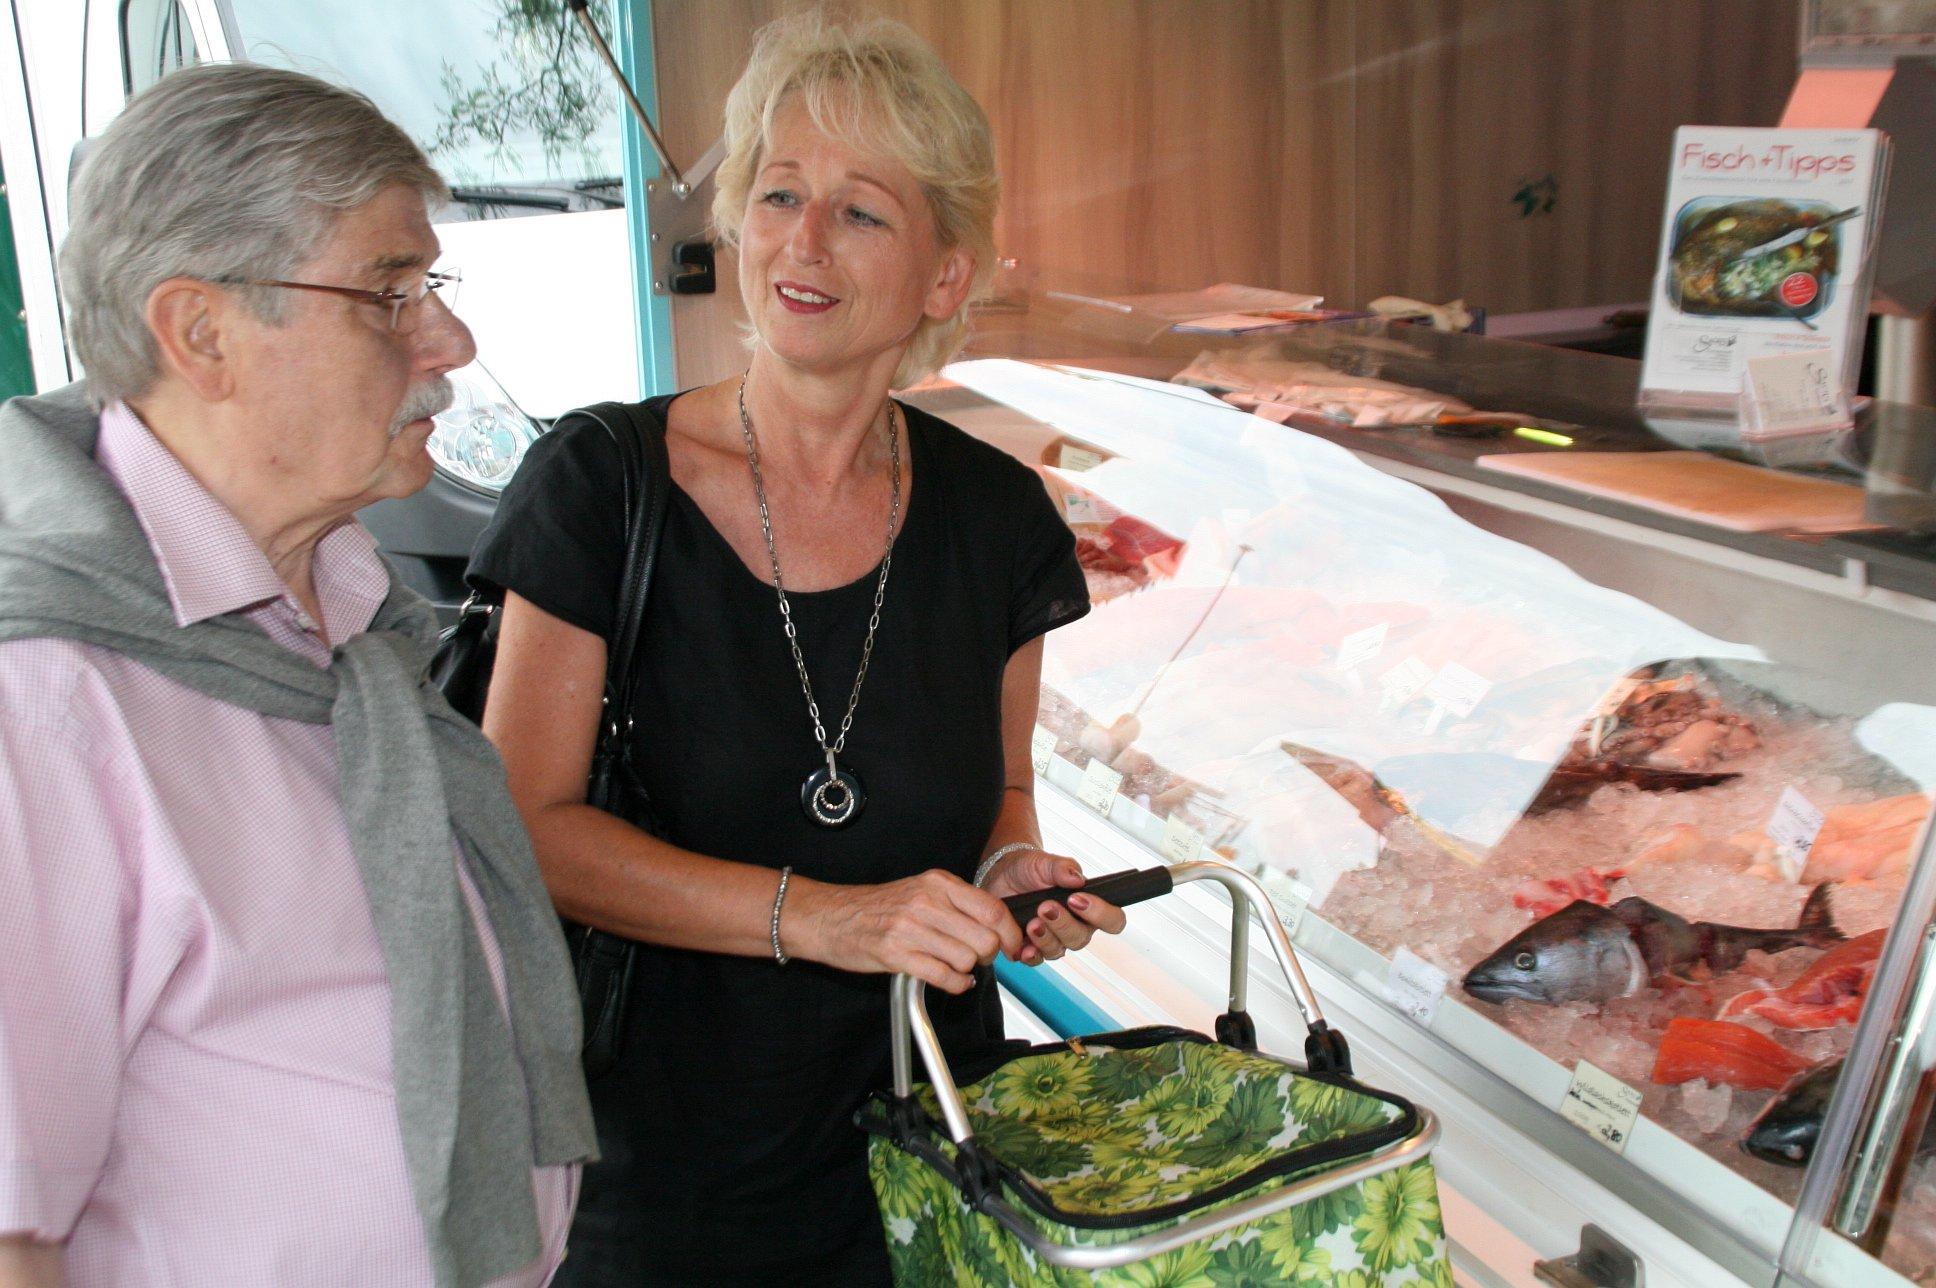 seniorenbetreuung-muenchen-lebensfreude-66-plus-fischeinkauf